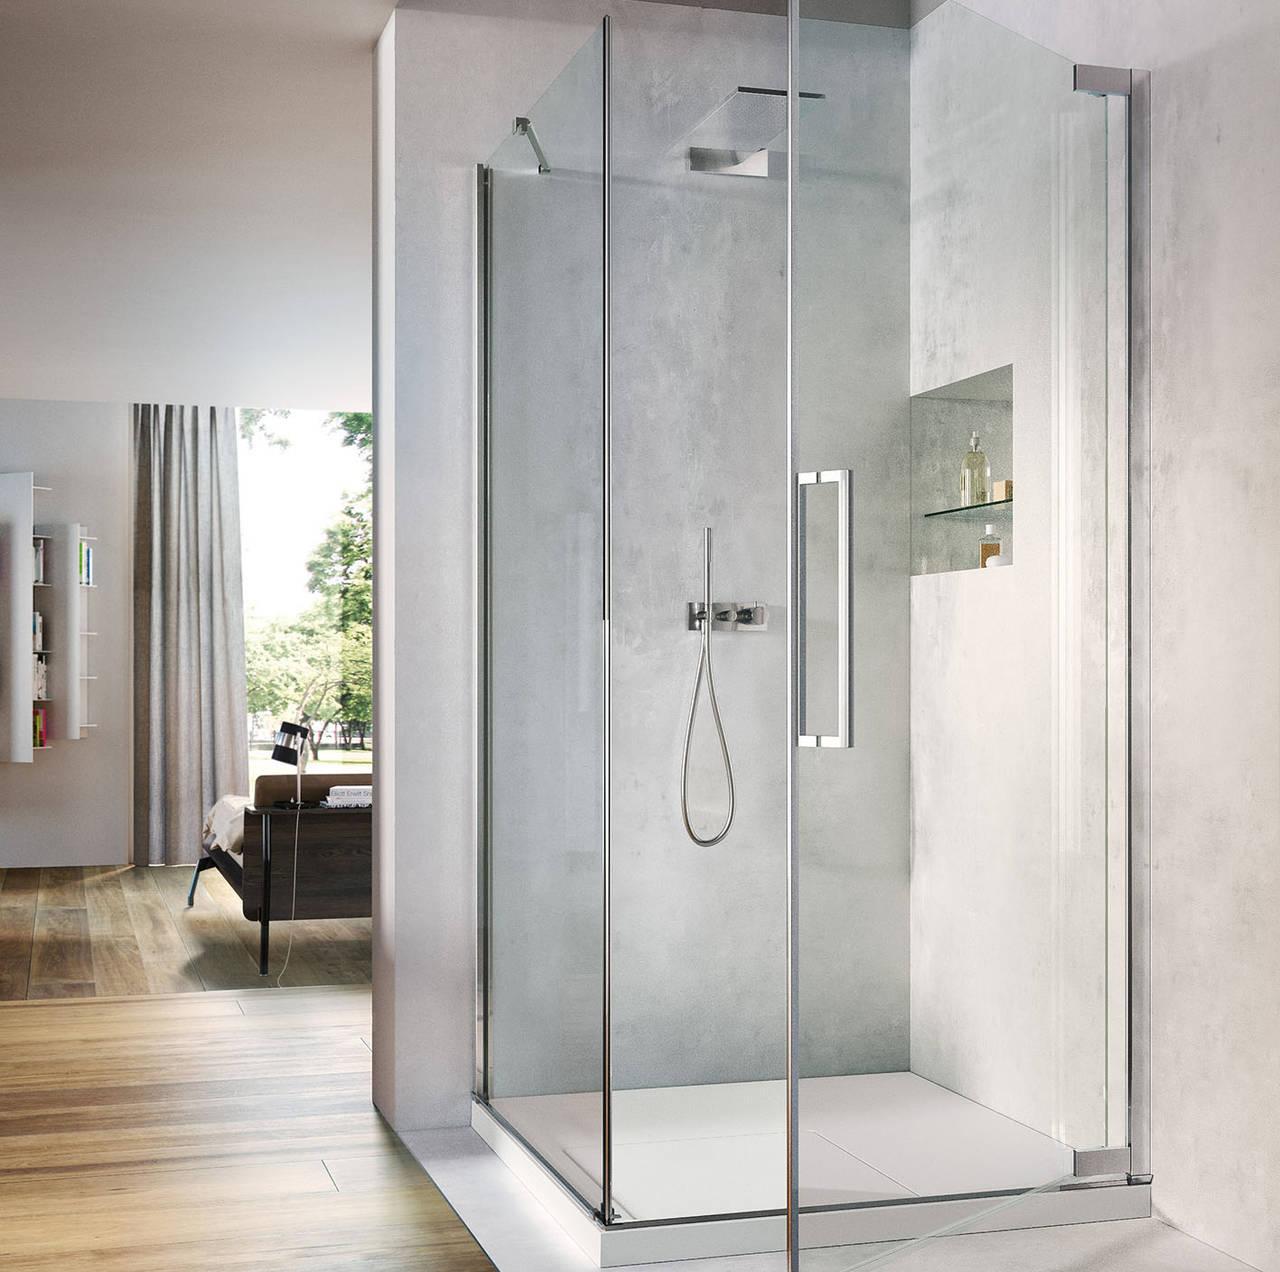 Comfort e design nella cabina doccia con anta a battente - Box doccia design minimale ...